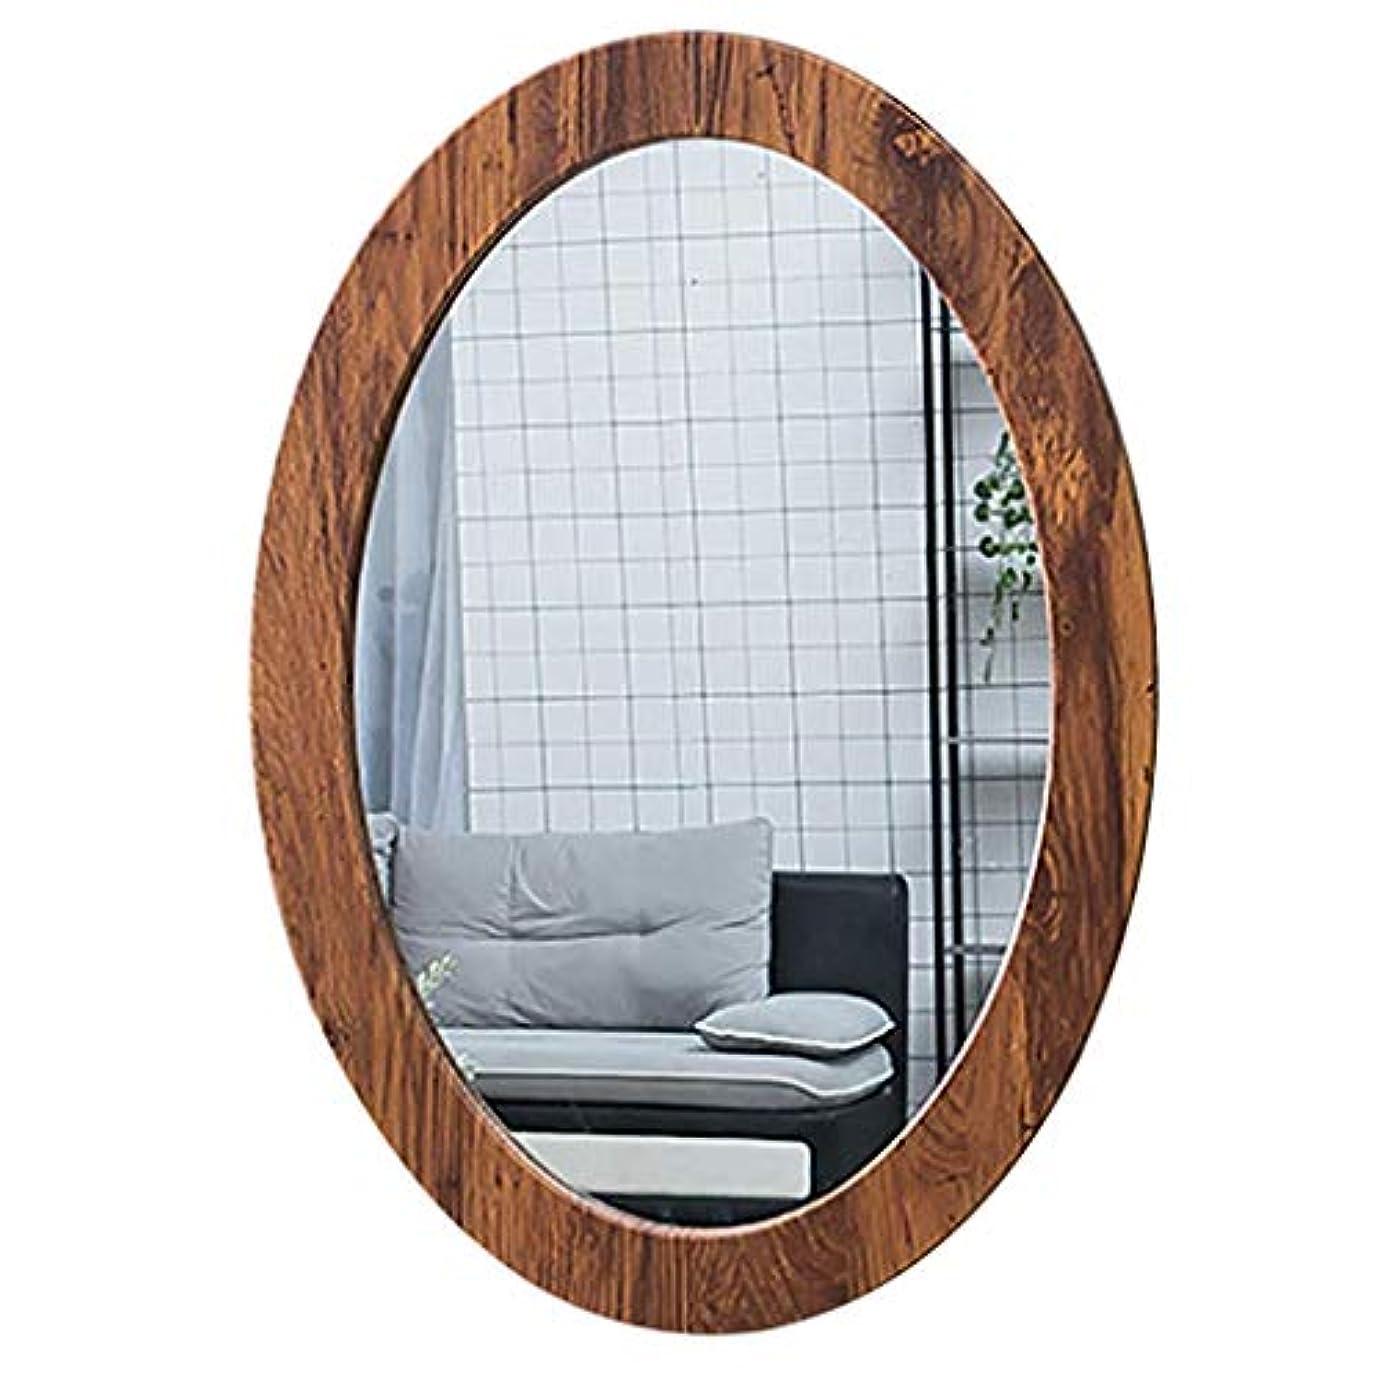 ズームインする細いマナーSelm 浴室ミラー壁掛け、洗面化粧台オーバルpvcフレーム化粧鏡用浴室洗面所廊下 (Color : Wood Grain, Size : 40CMx60CM)